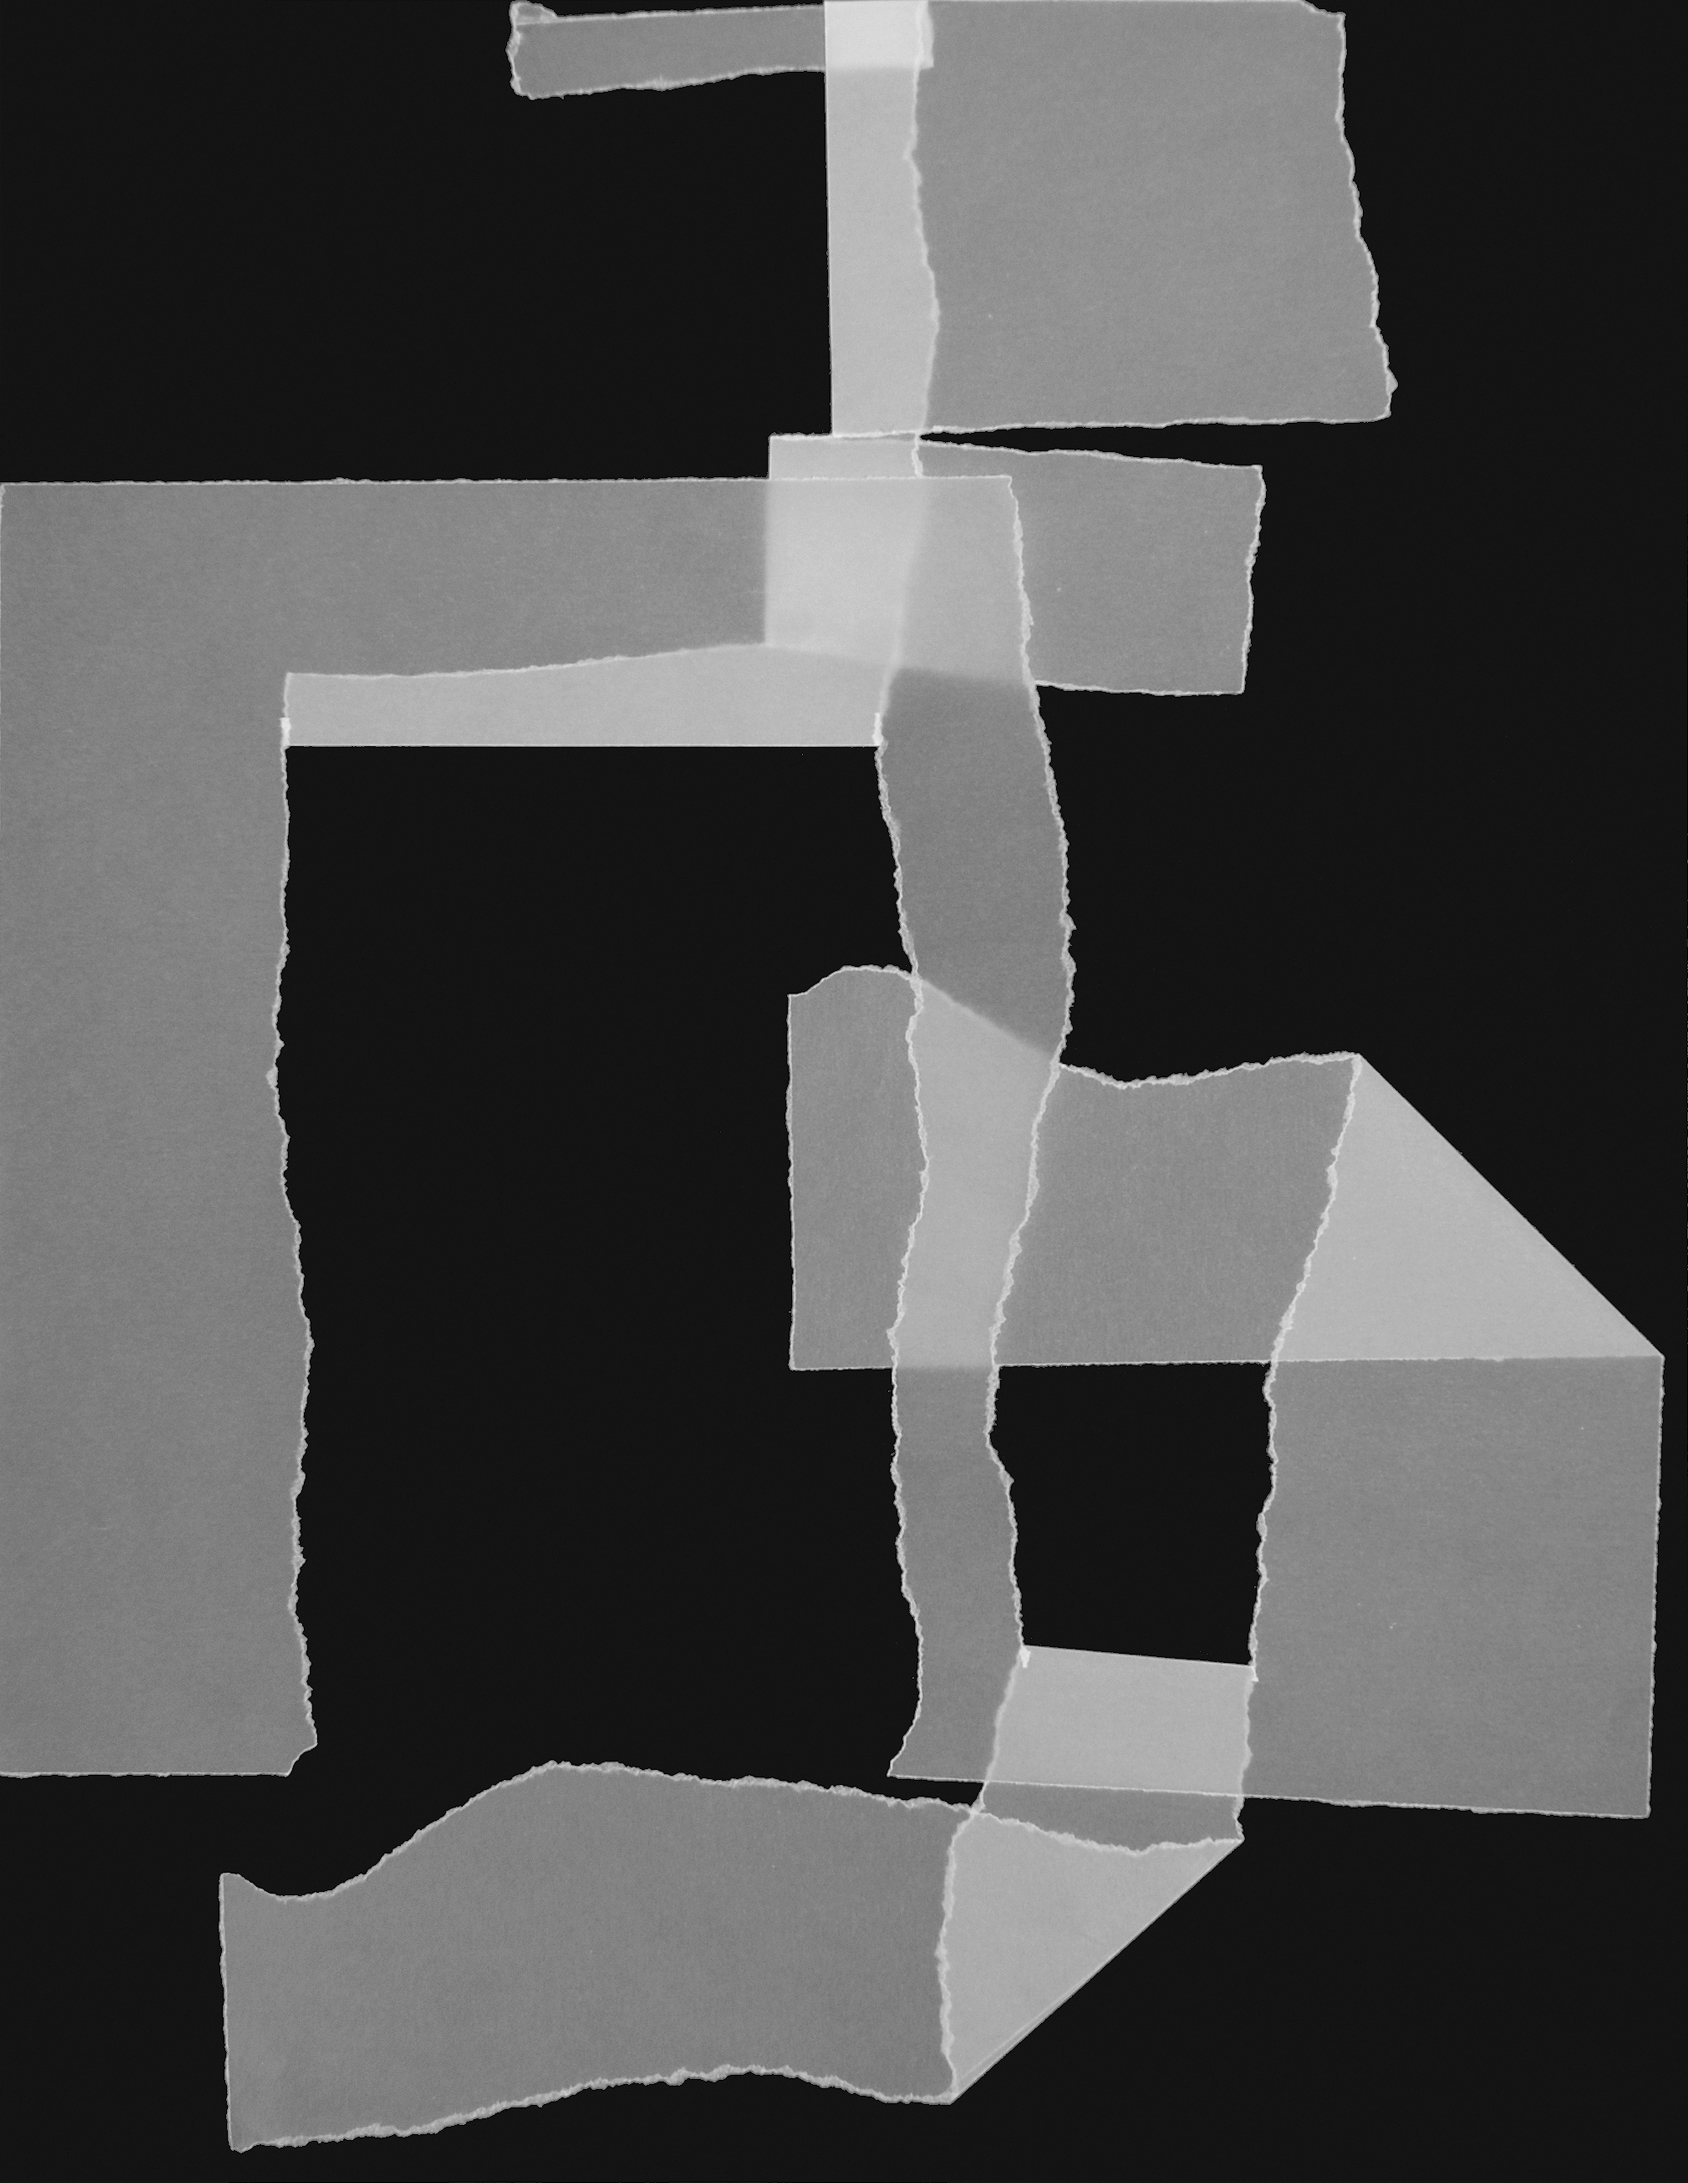 9. motiv, 40 x 30 cm, pergament gerissen/gefaltet